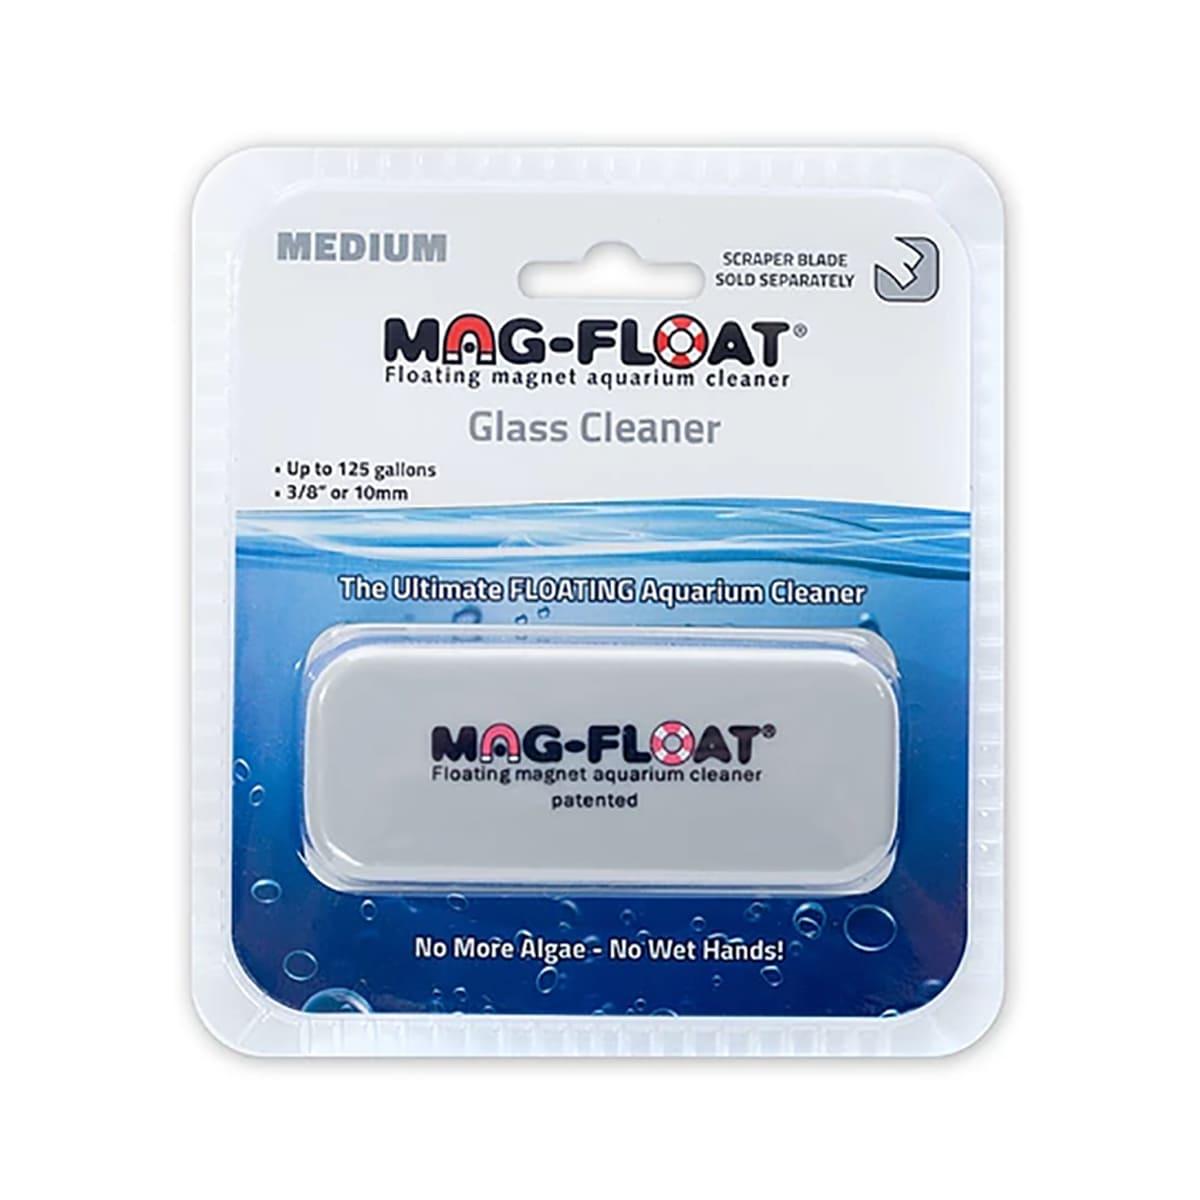 Limpador Magnético Mag-float (Medium) - Vidros até 10mm